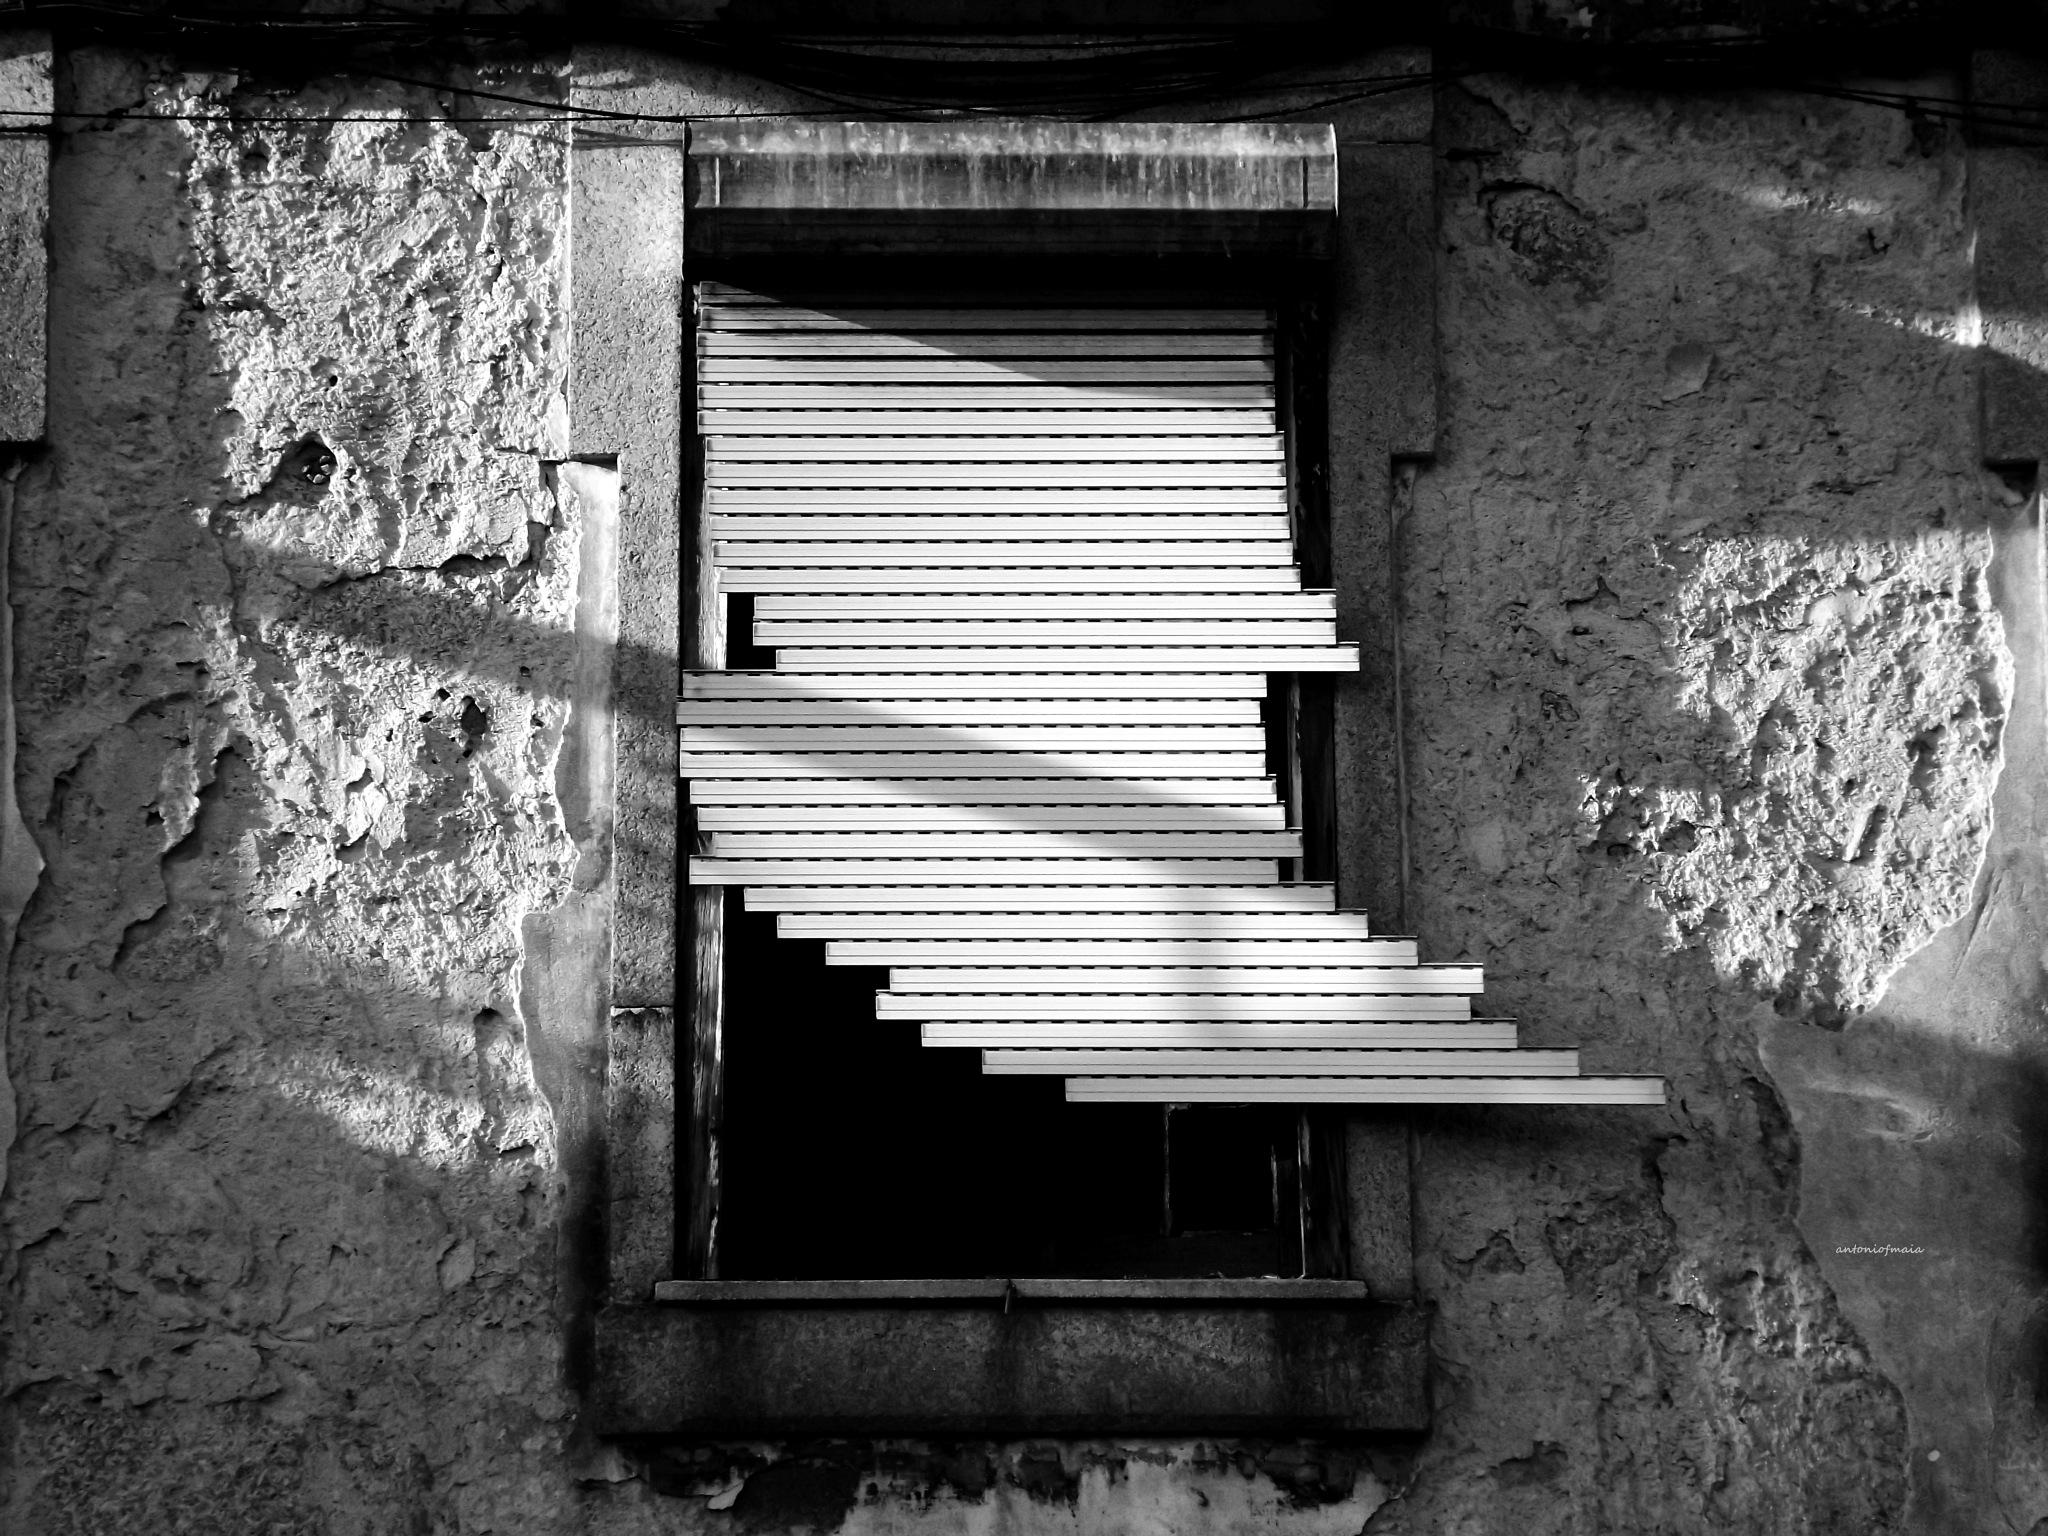 Lost memories... by Antonio F. Maia